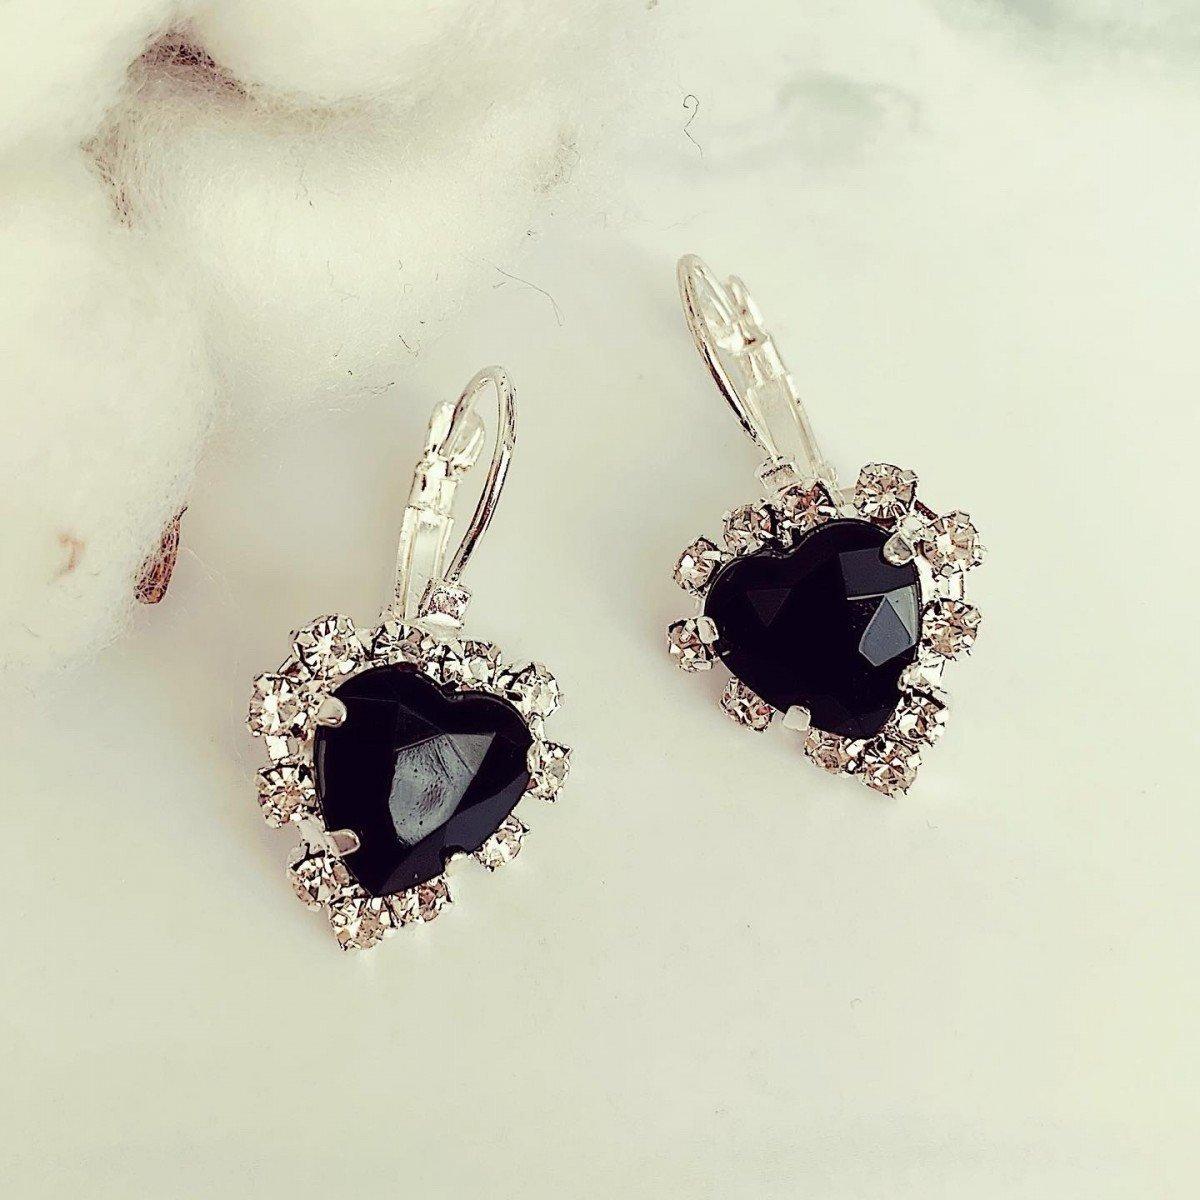 Cercei dama argintii cu pietricica neagra in forma de inima